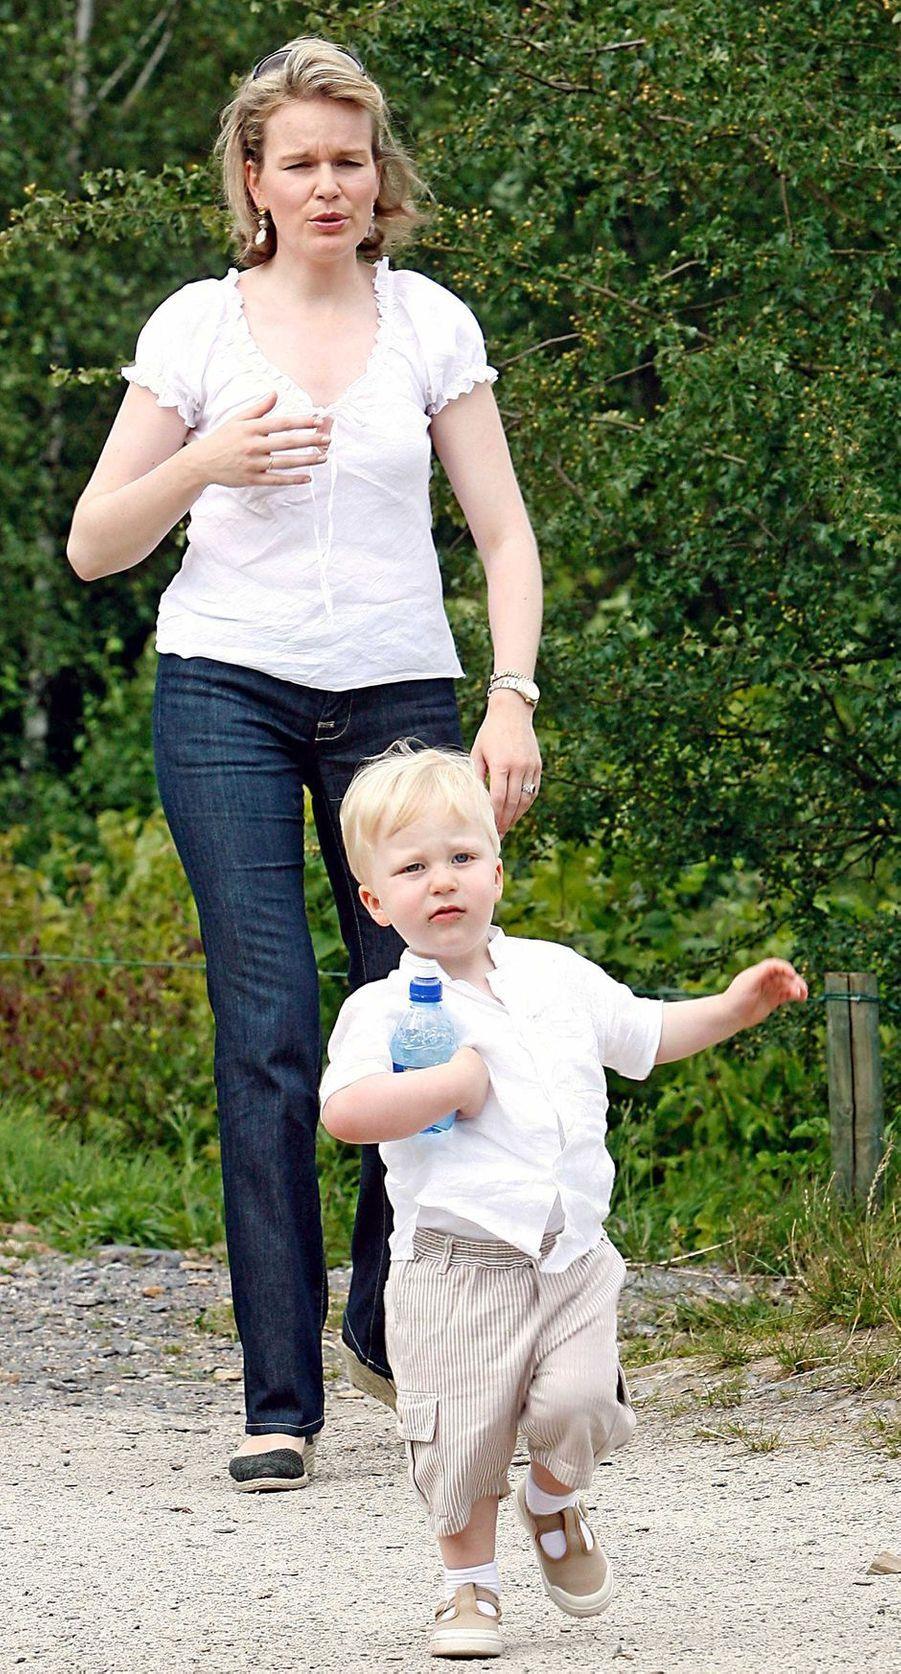 Le prince Emmanuel de Belgique avec sa mère la princesse Mathilde, le 16 juillet 2007